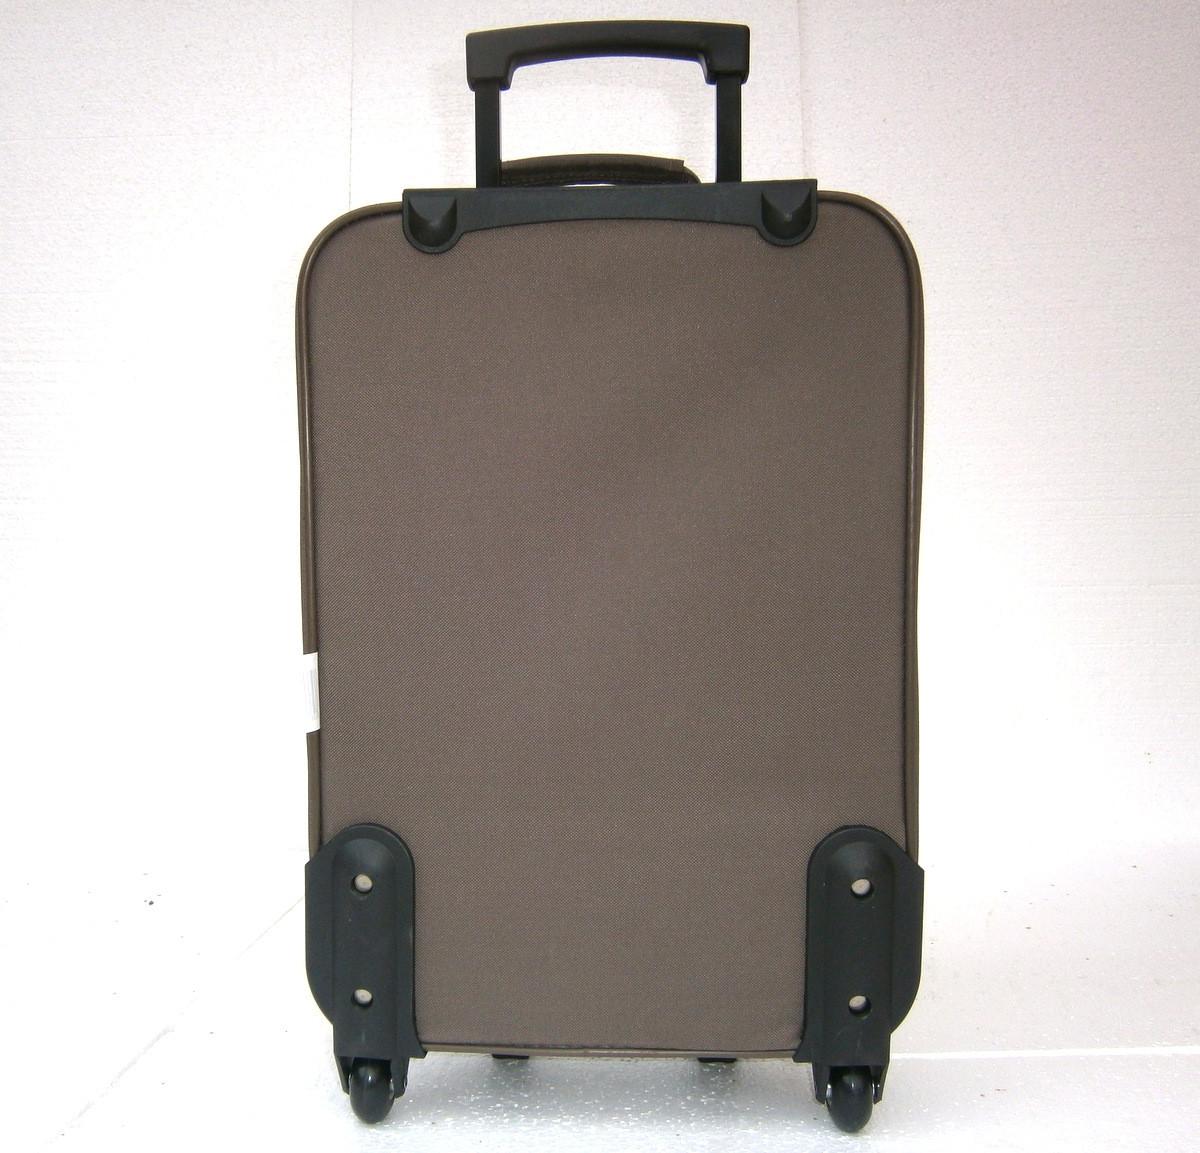 Чемоданы интернет магазин украина пакуй чемоданы смотреть онлайн